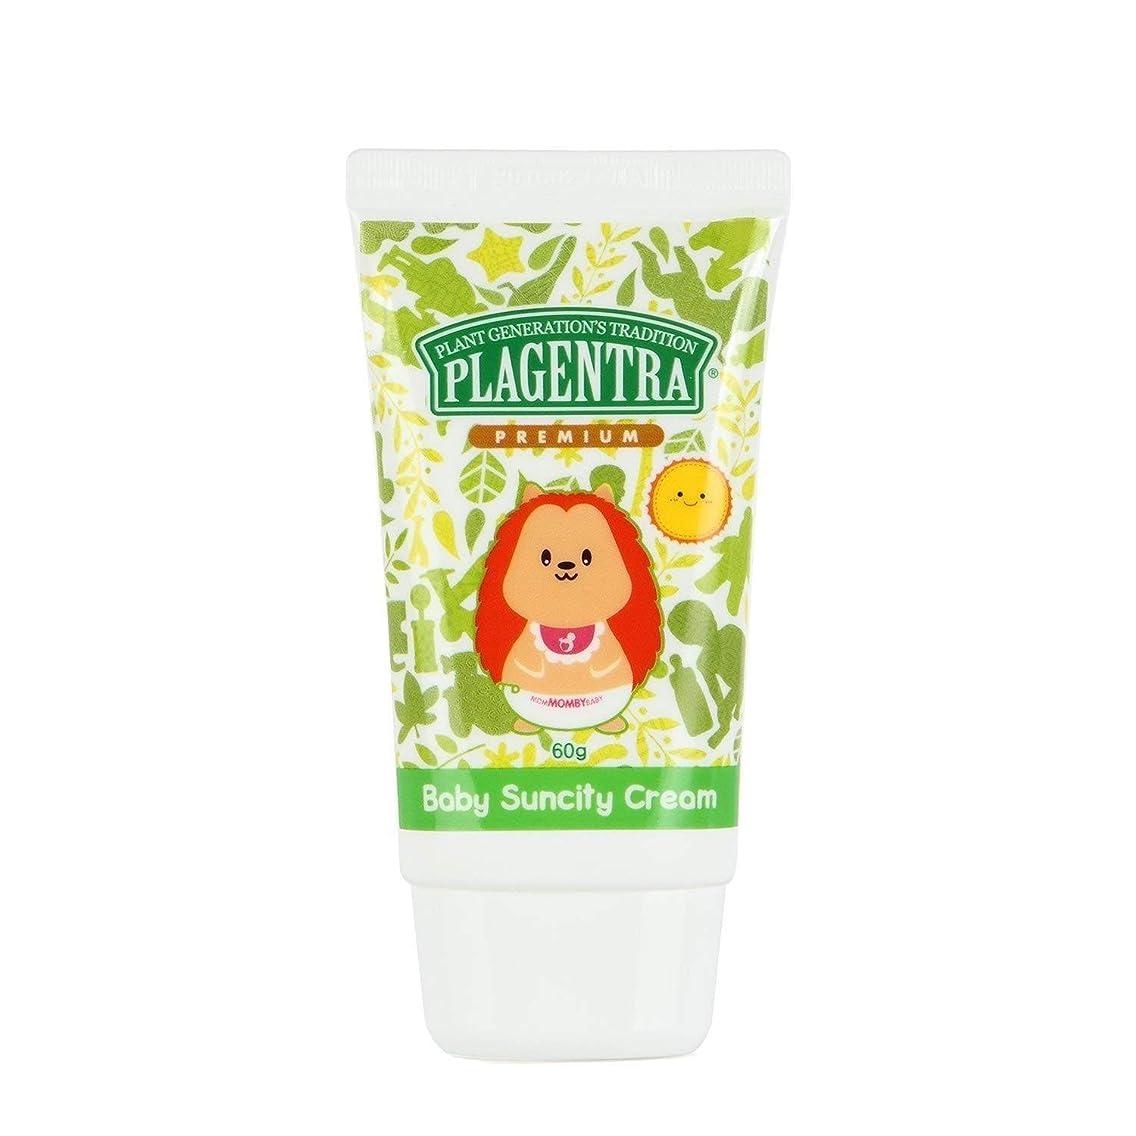 スカリー緩める寄稿者[ PLAGENTRA ] Baby Suncity Cream (60g) Natural Sunscreen 韓国 日焼け止め